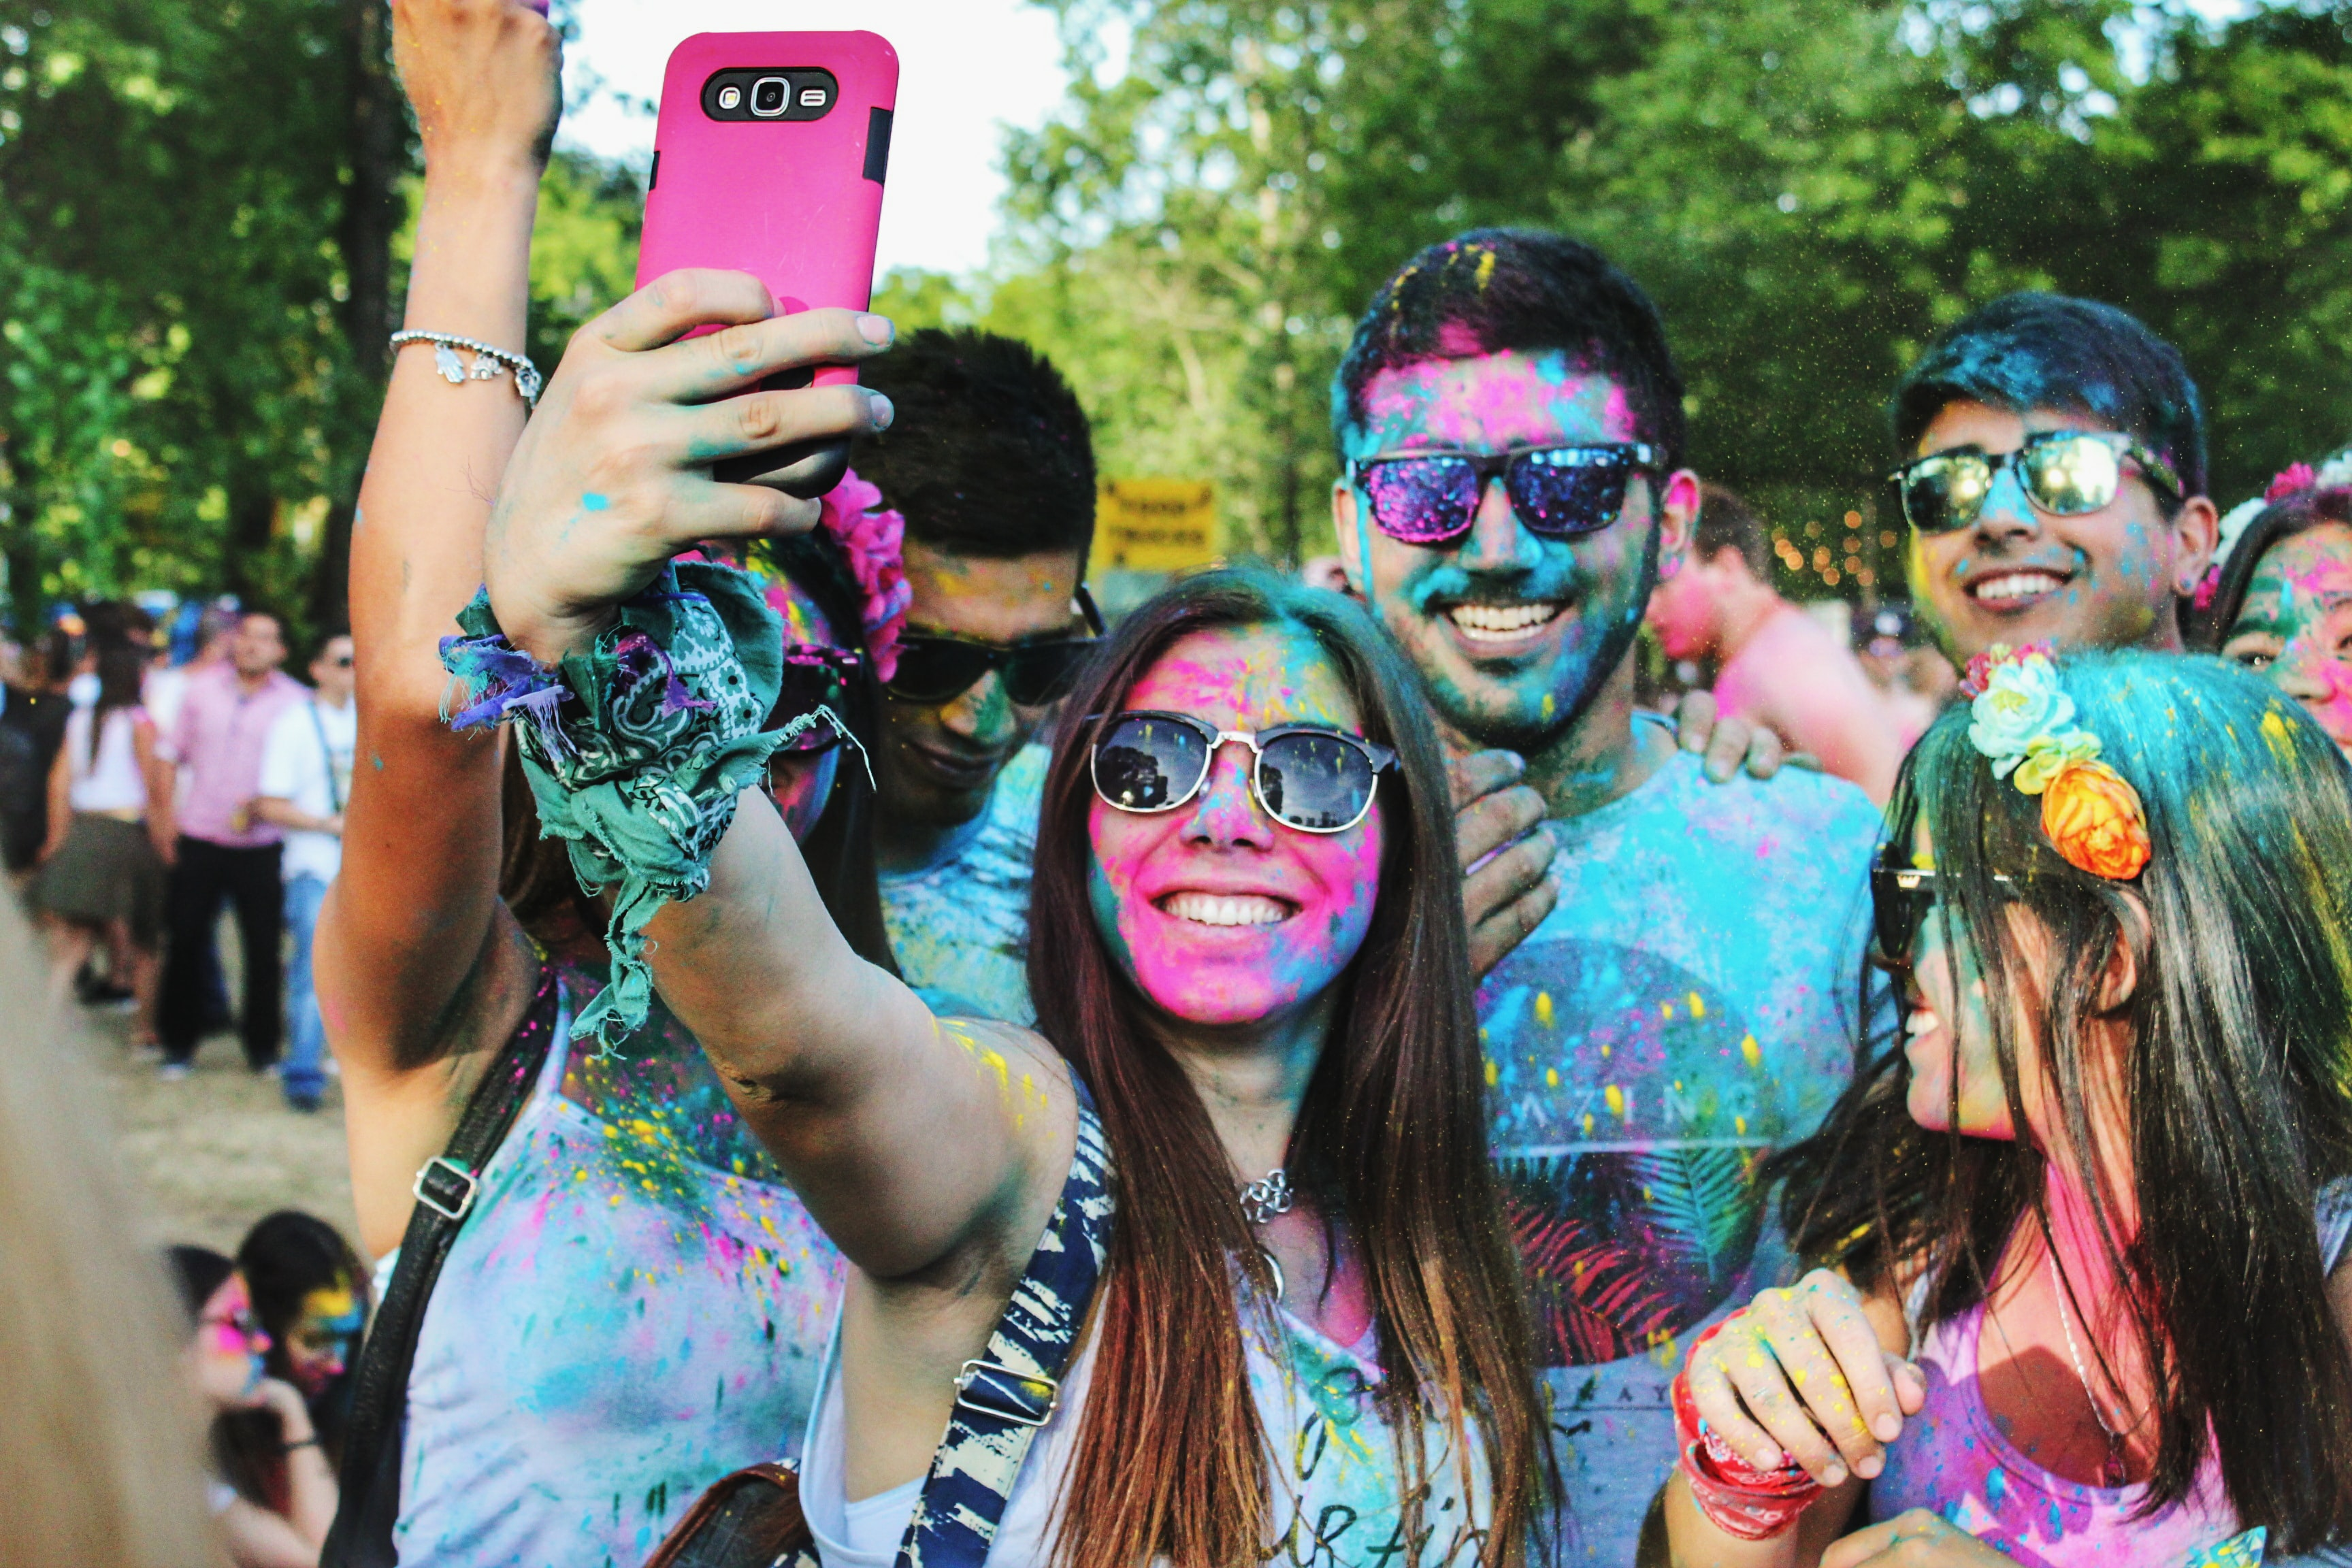 smartphone per fotografiaSmartphone per fotografia: come fare foto e selfie perfette